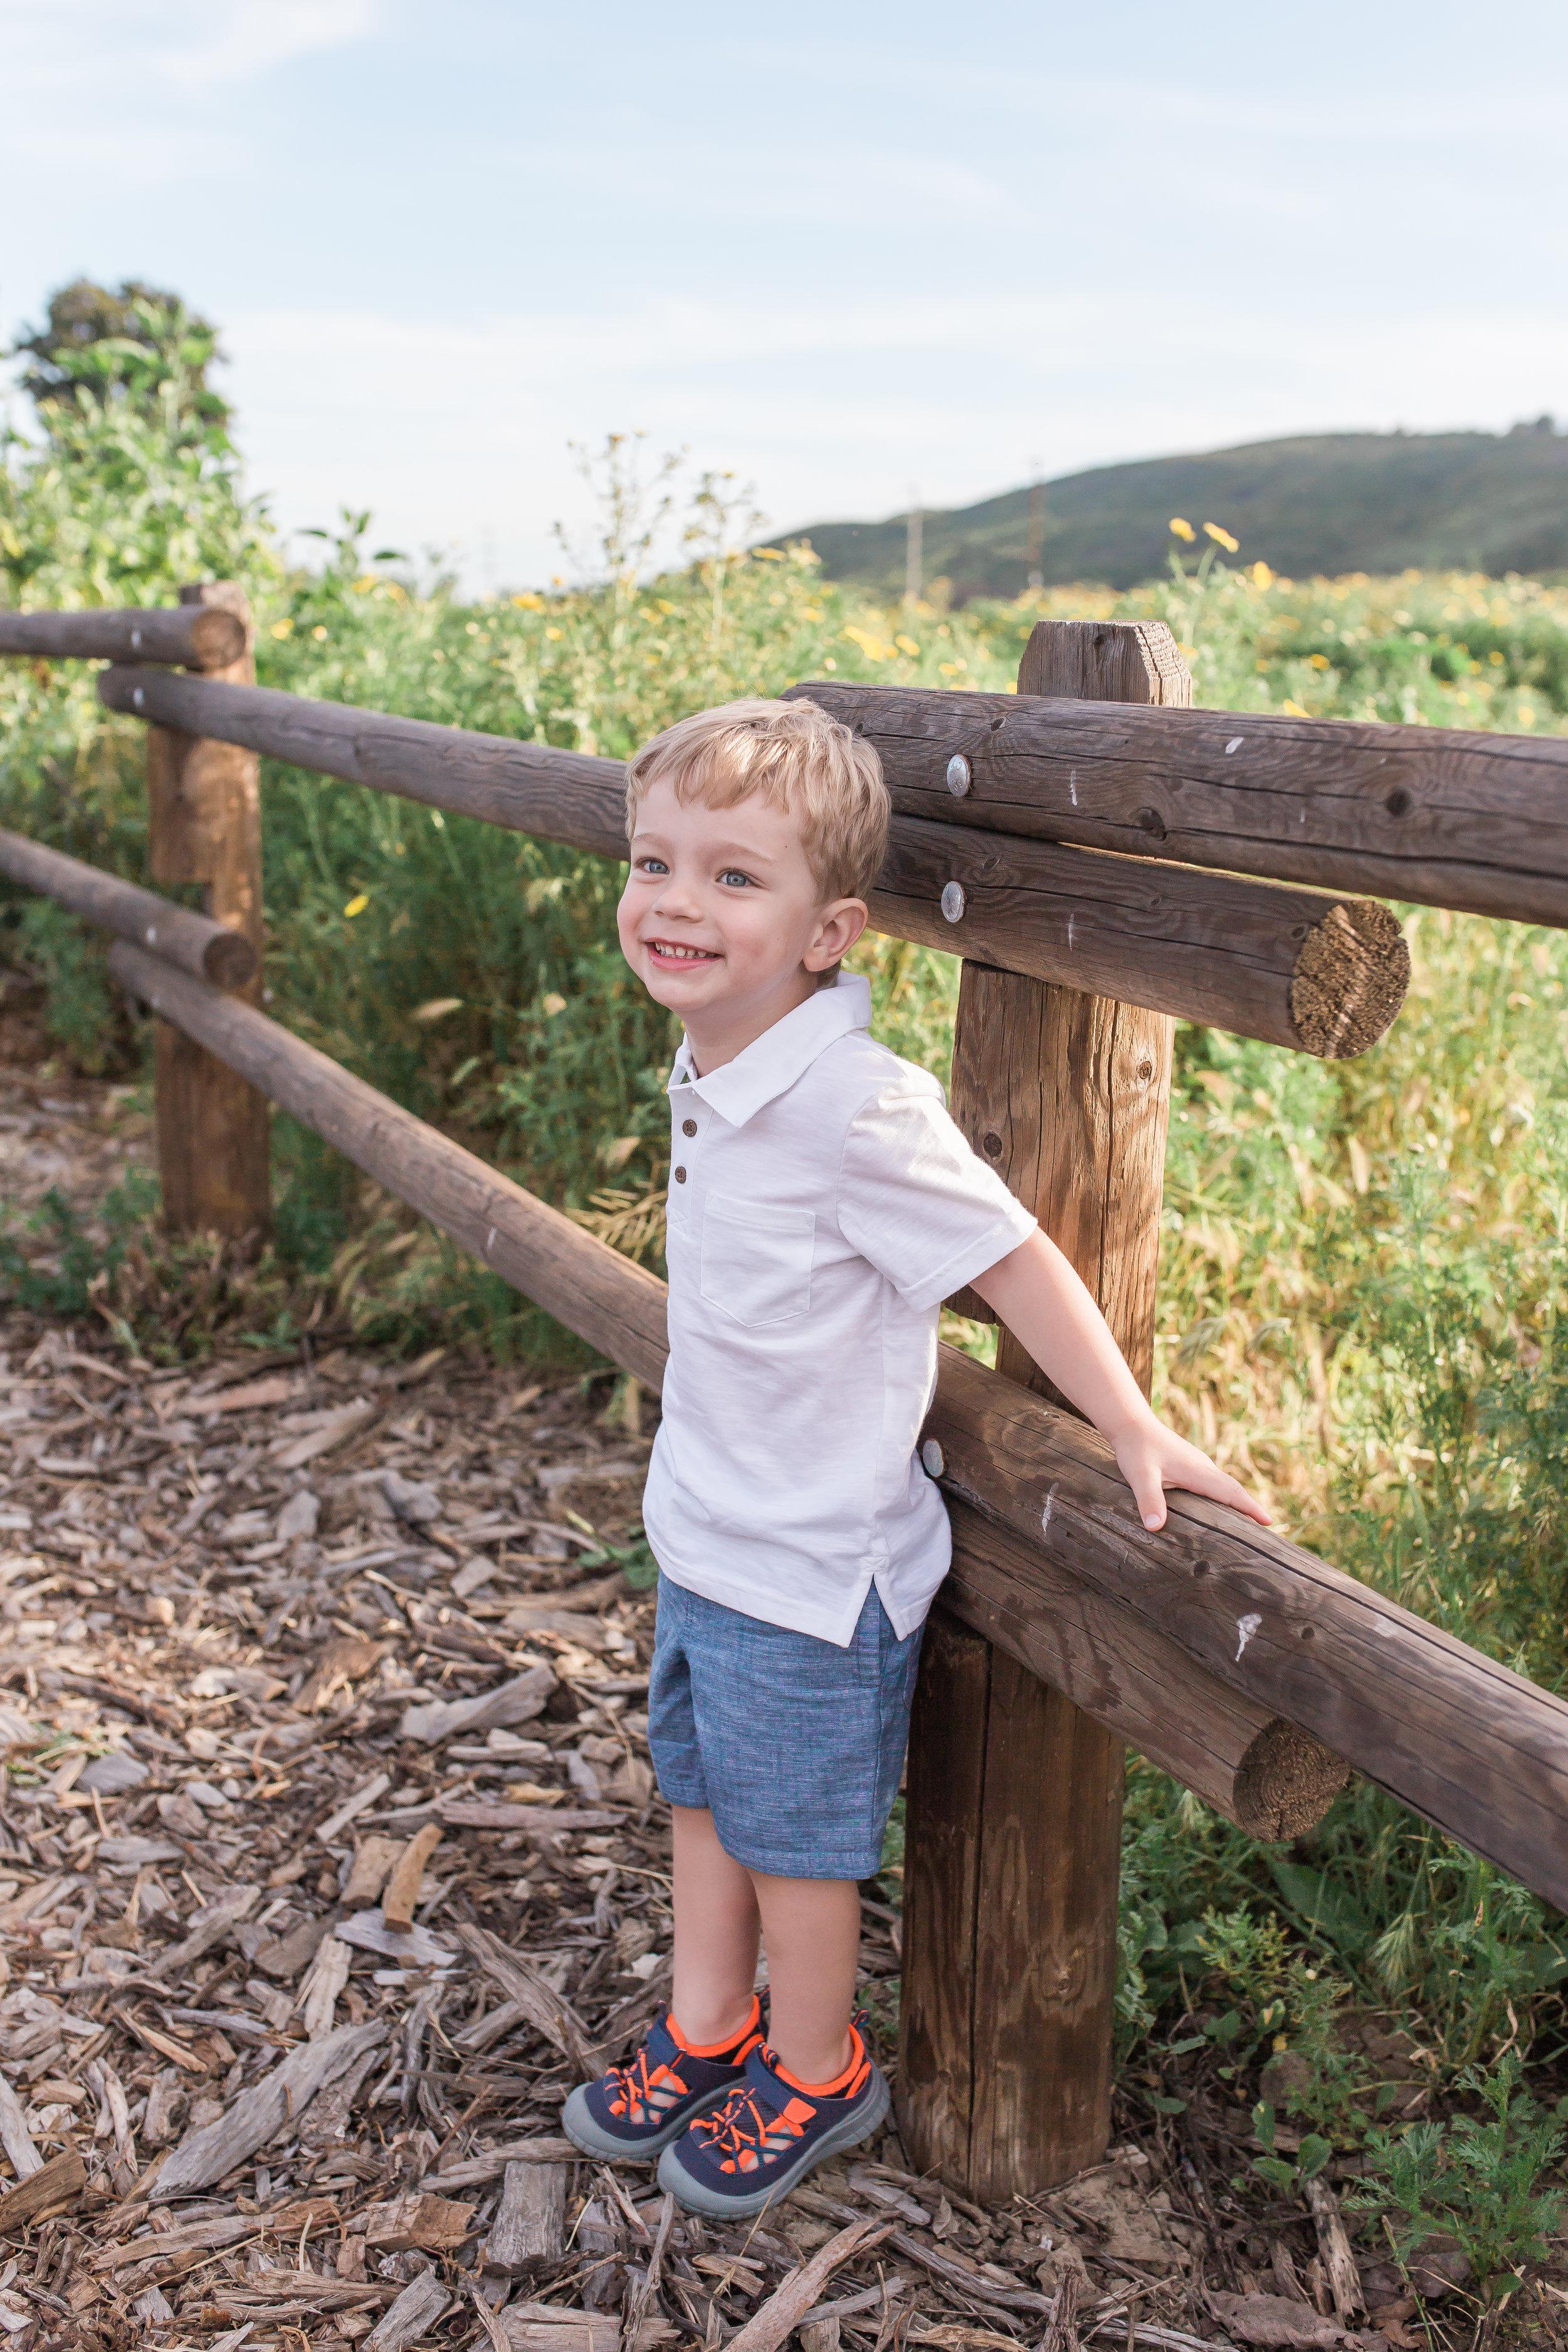 Dana PointFamily Photographer little boy in a field